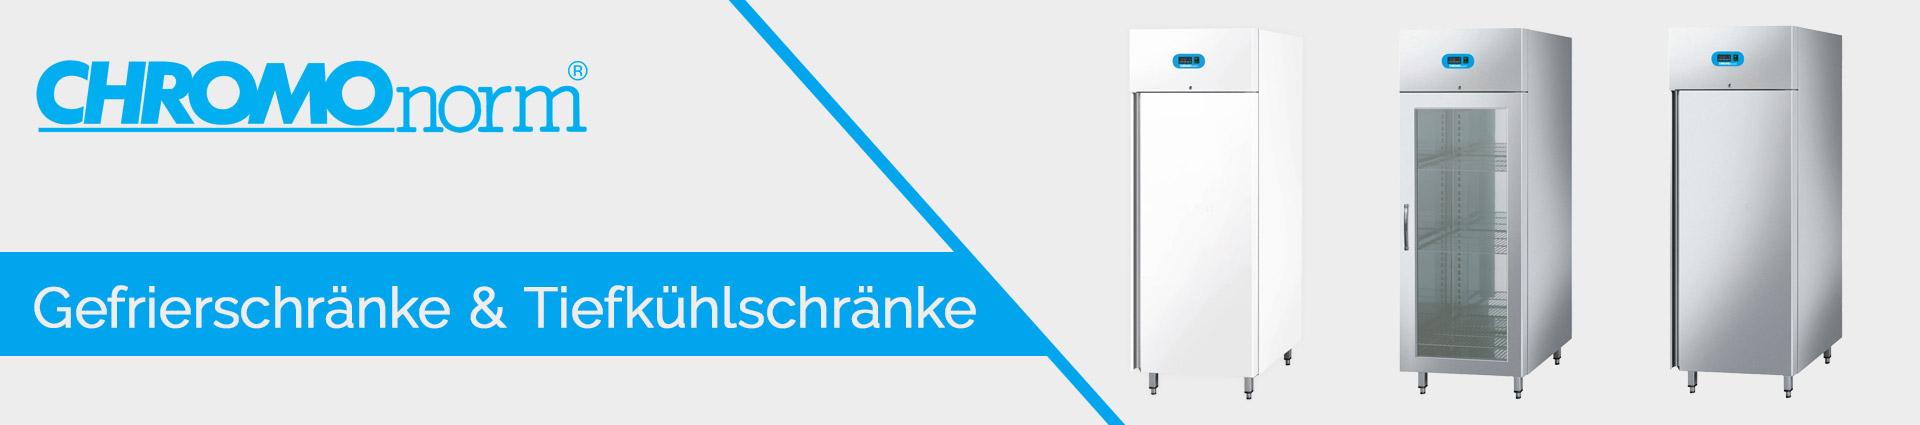 Chromonorm Gefrierschränke & Tiefkühlschränke Banner